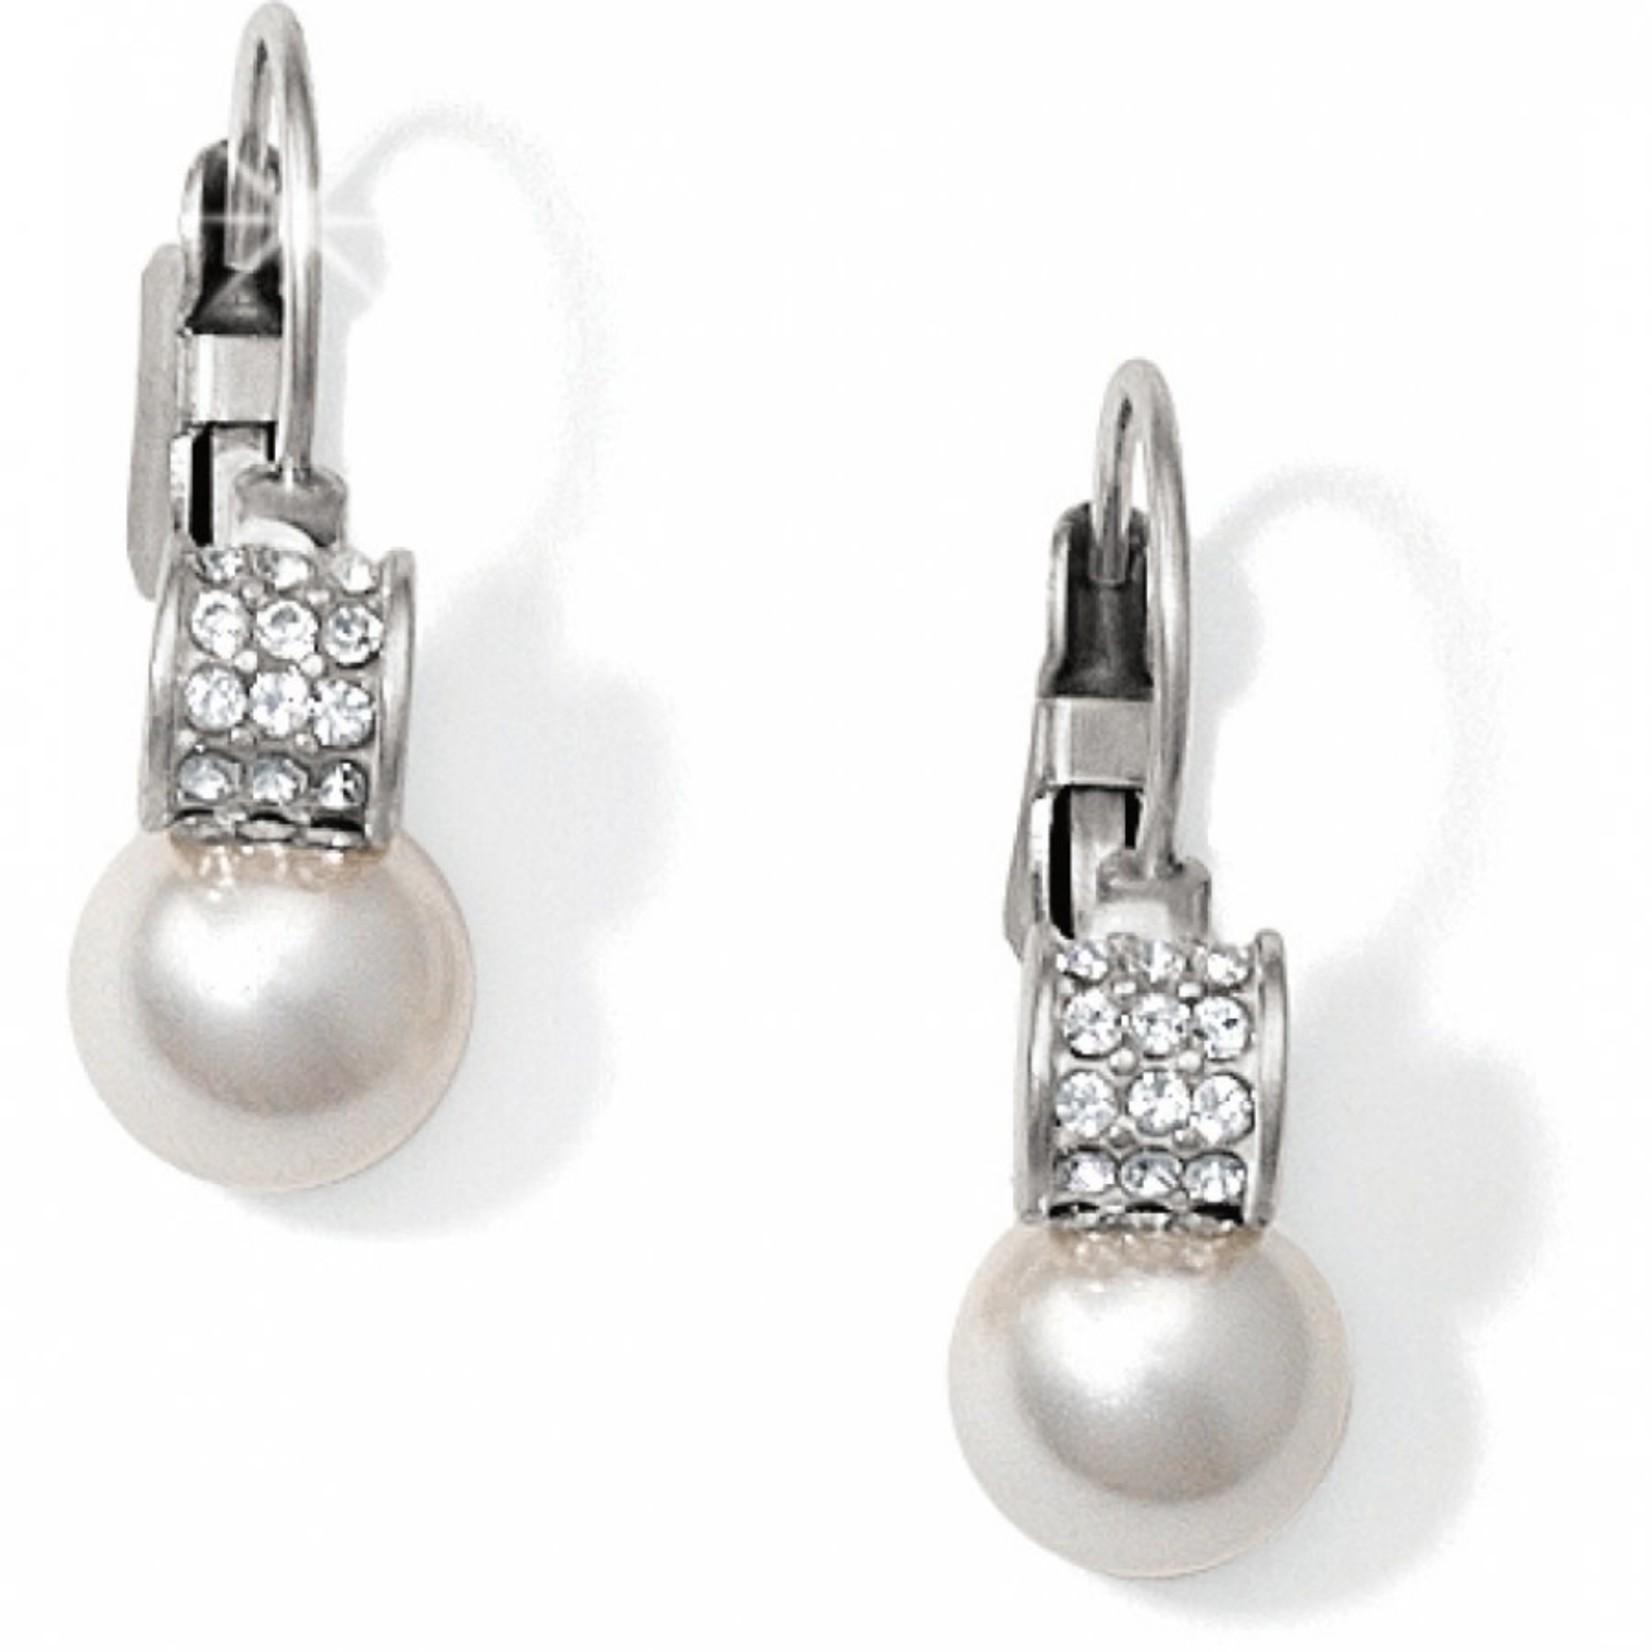 Brighton Meridian Petite Pearl Leverback Earrings